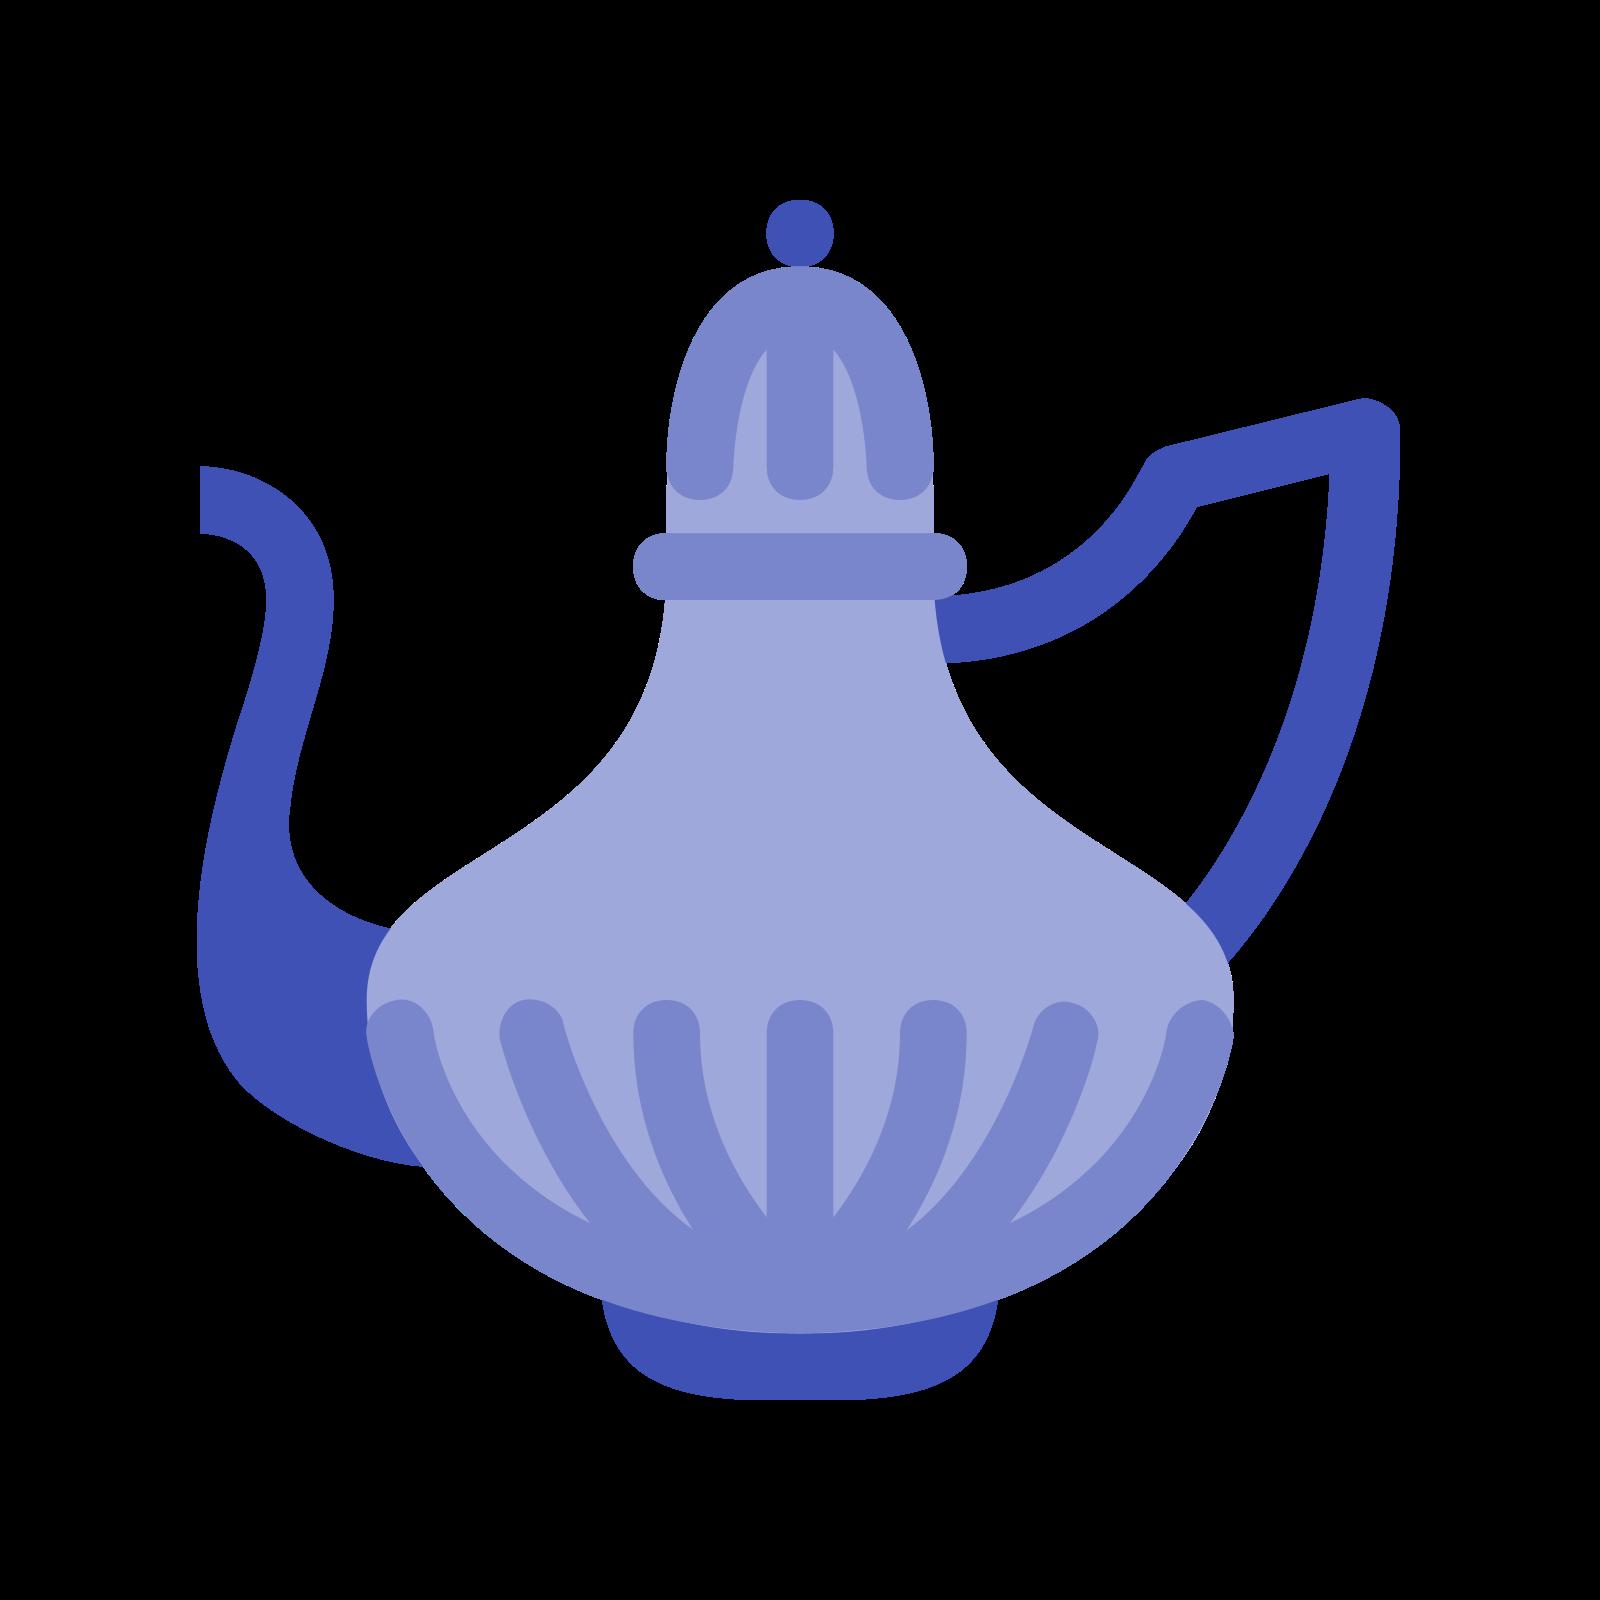 水壶 icon. The kettle icon looks like a large bowl with a narrow pointed cover. On the left is the spout that is in the shape of a backwards S. On the right is the handle.